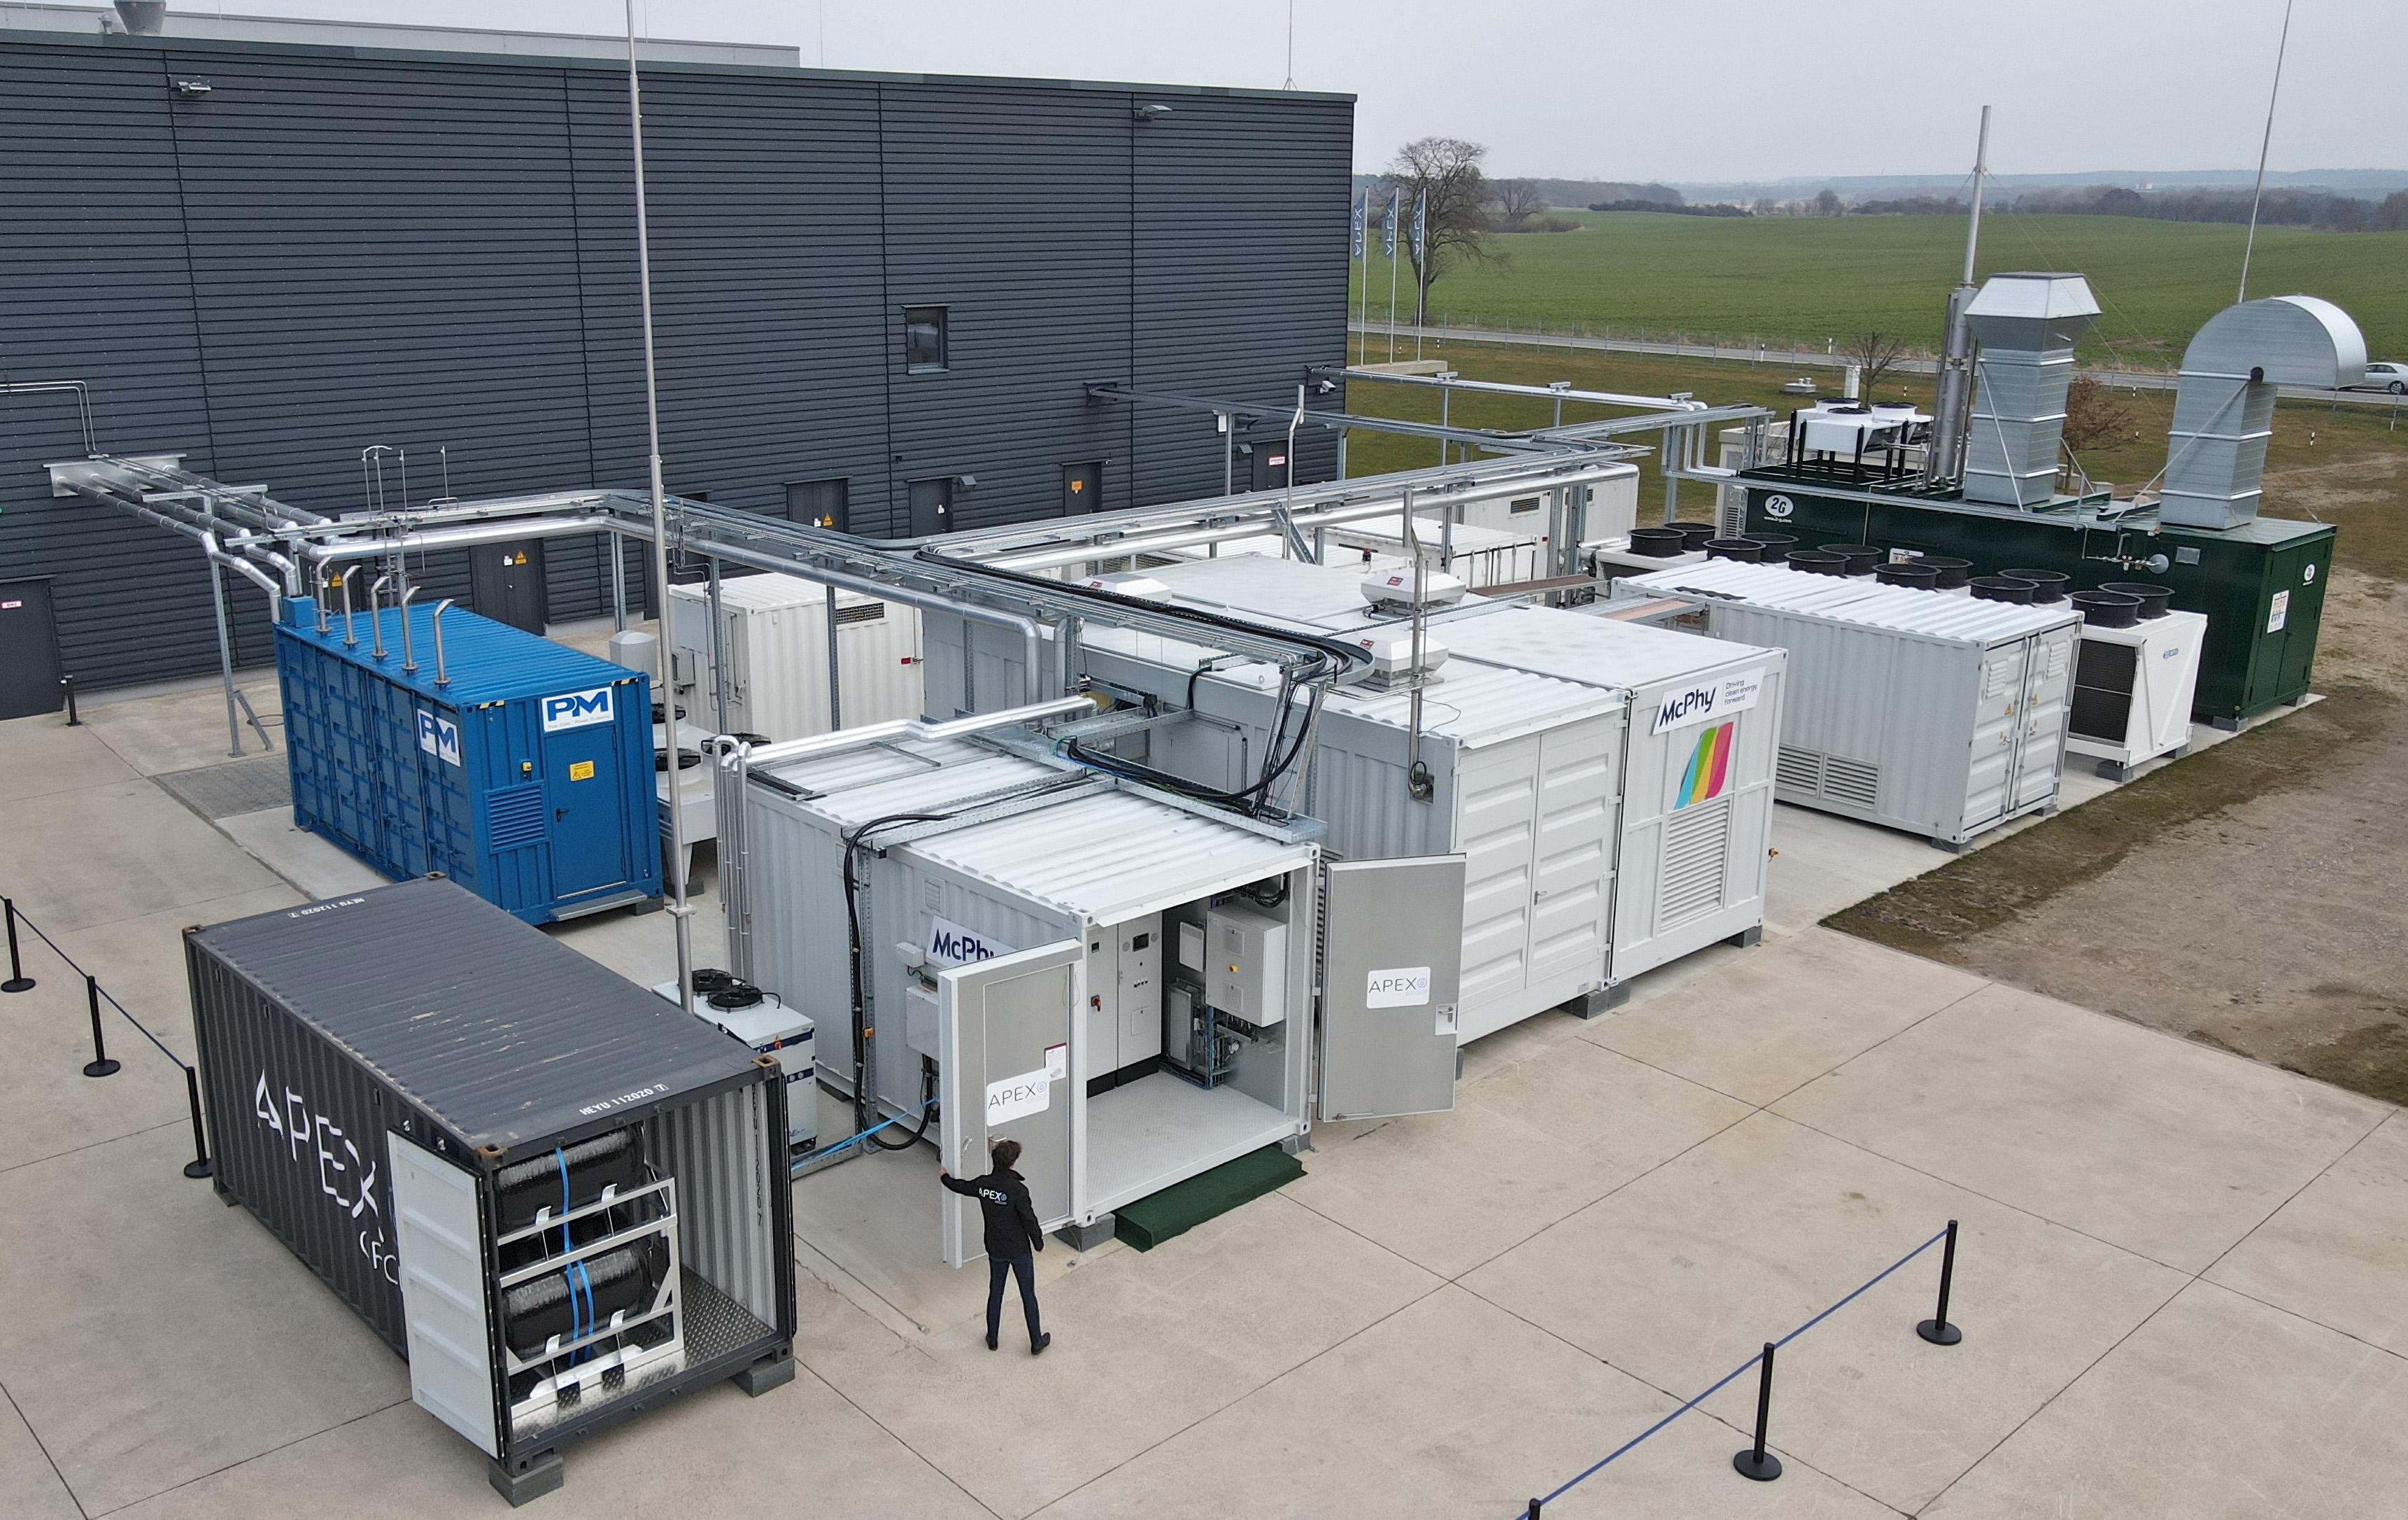 Los planes de recuperación desatan la carrera por el hidrógeno en la UE